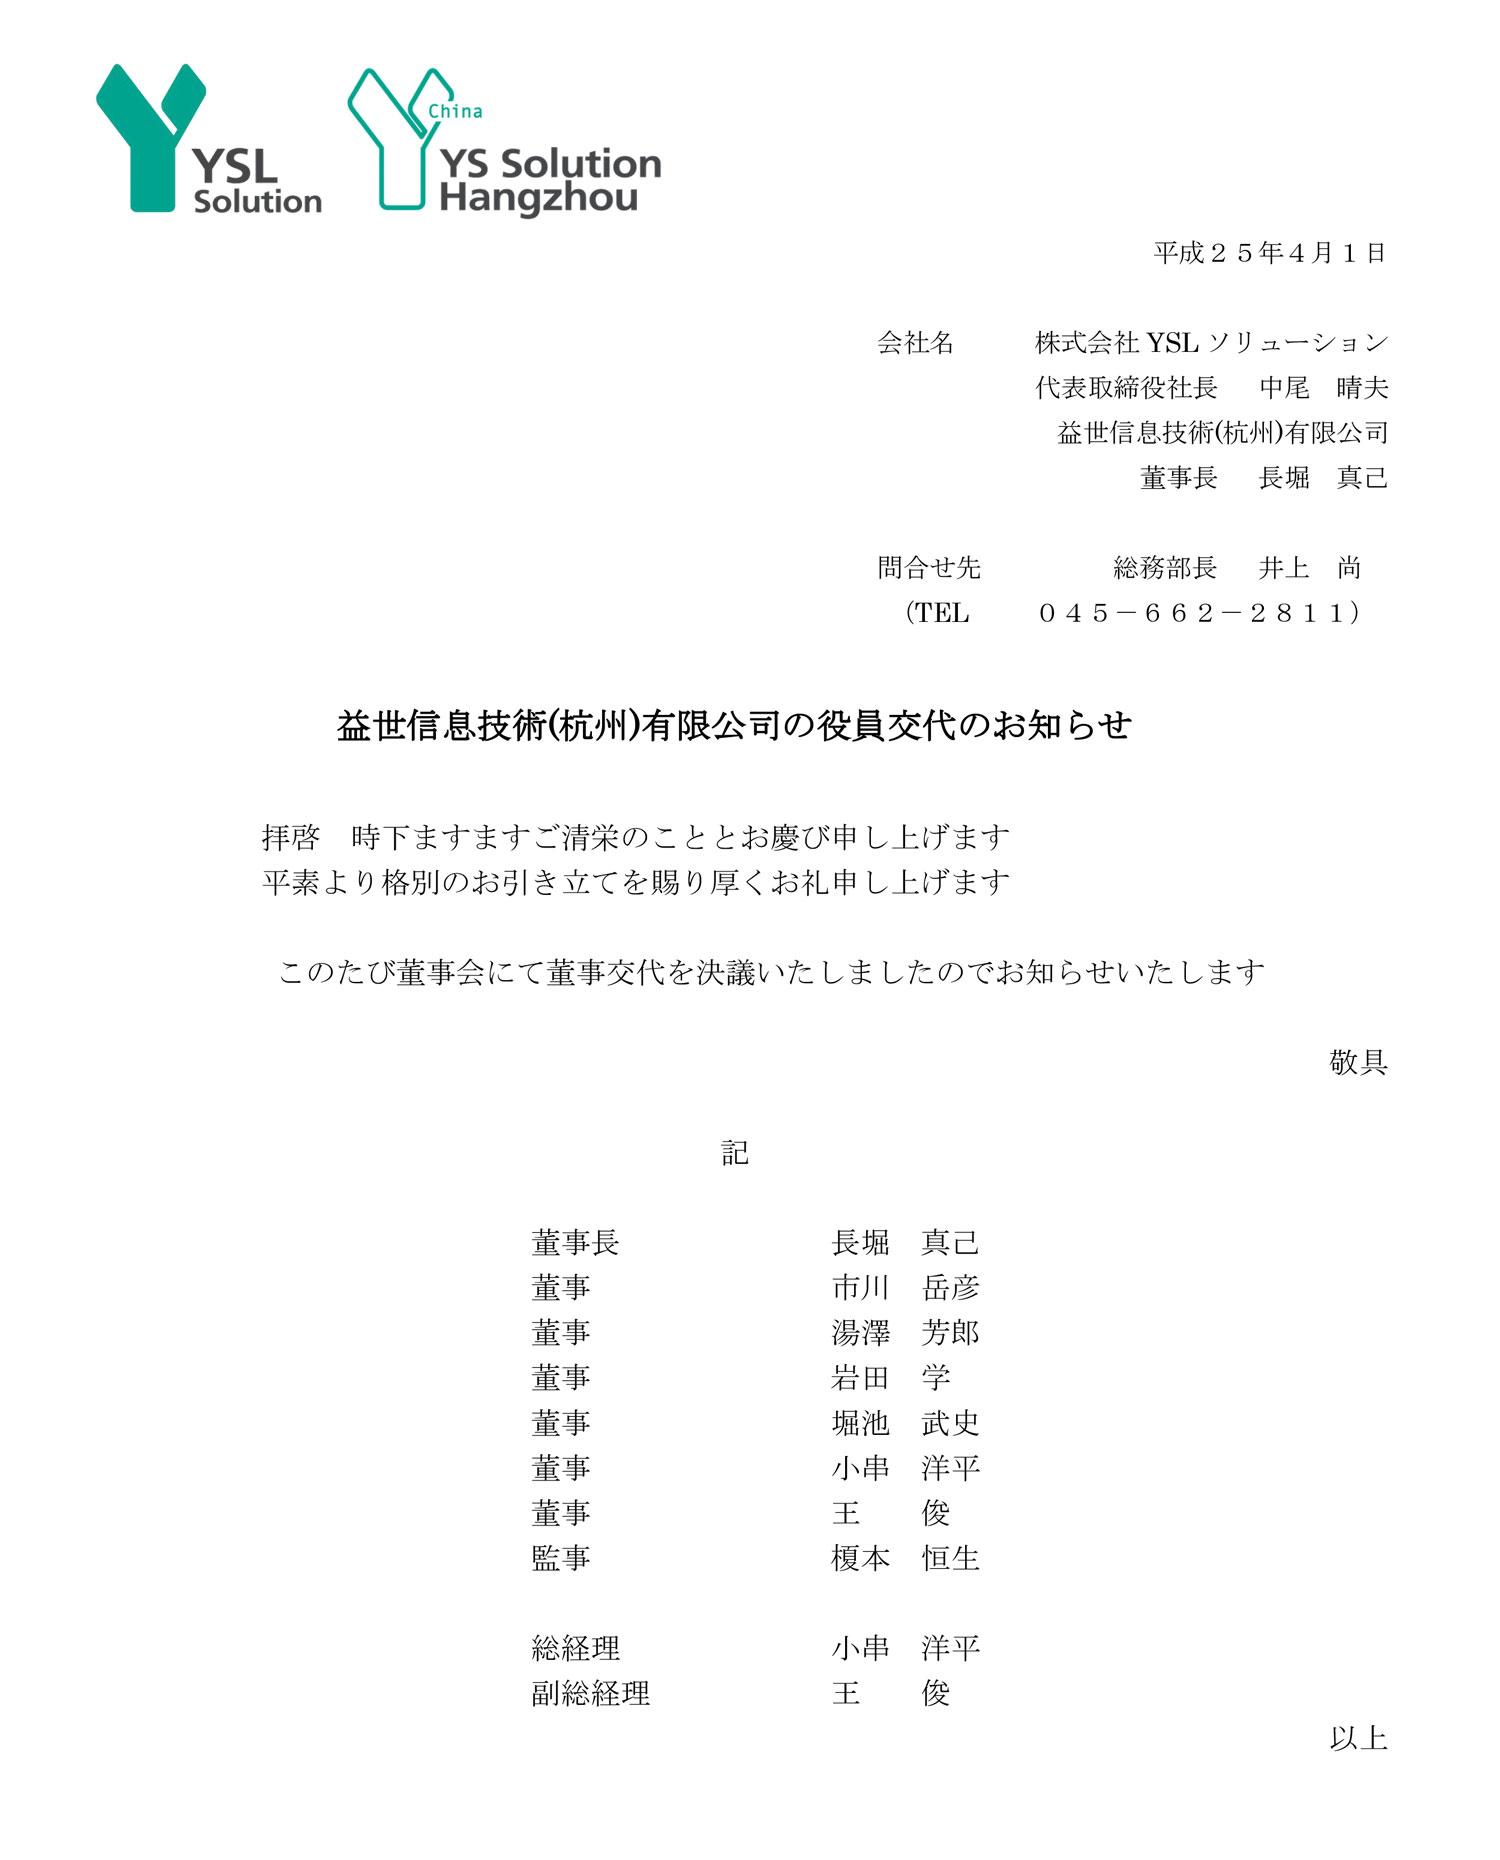 益世信息技術 (杭州)有限公司 の役員交代のお知らせ